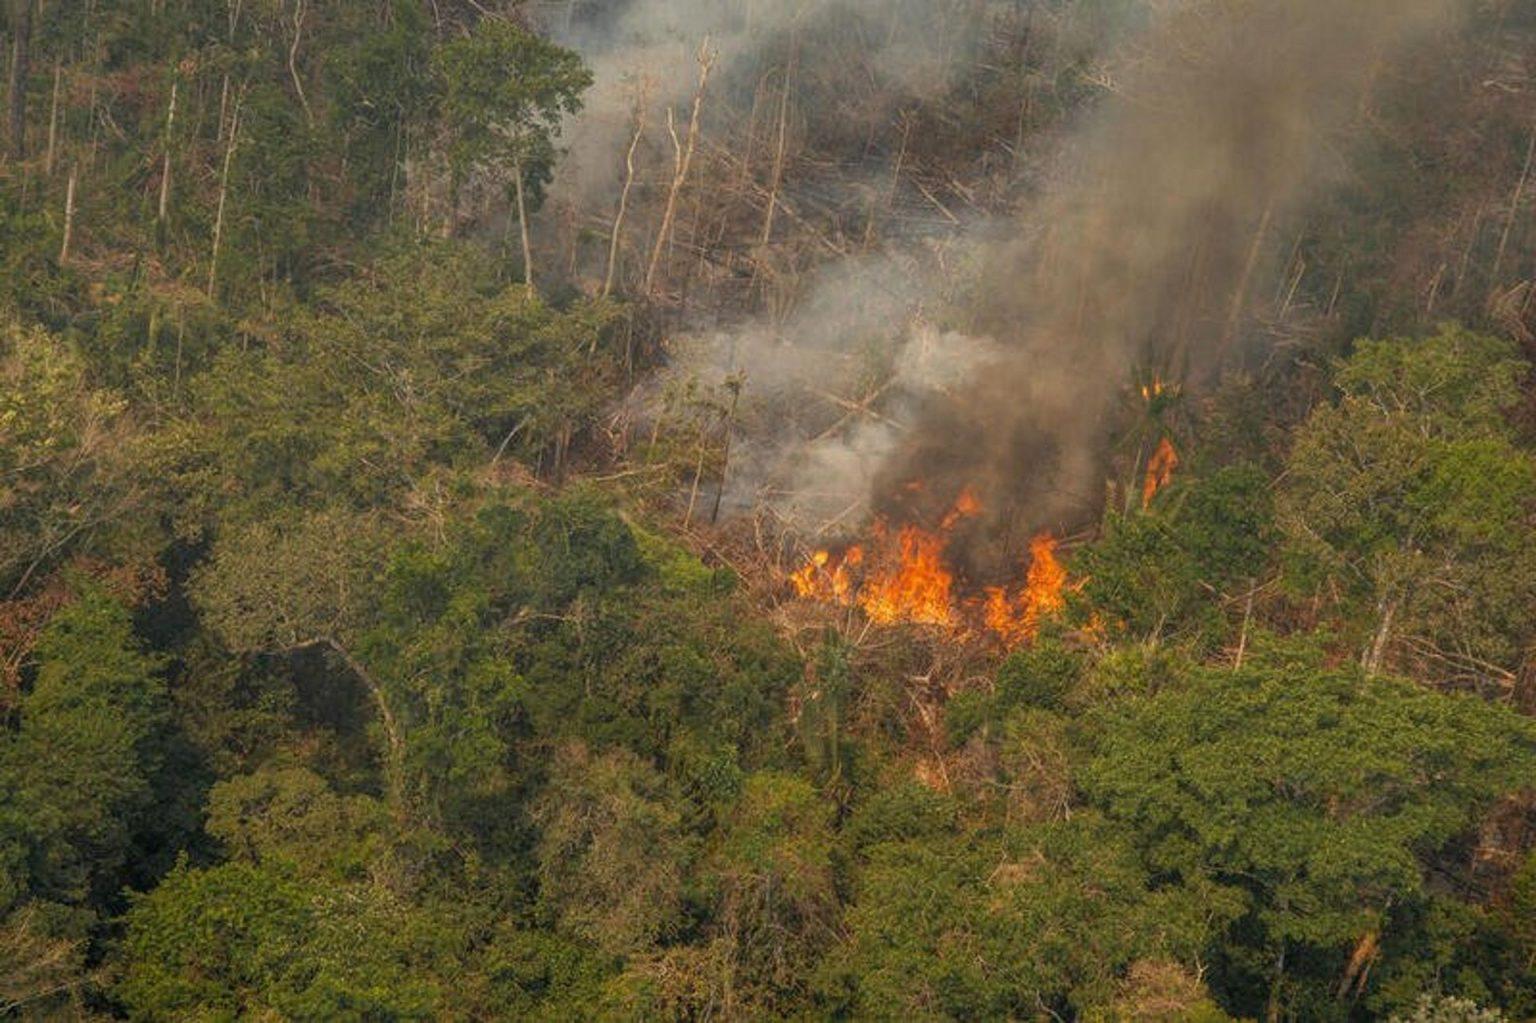 Queimada na Reserva Extrativista Jaci-Paraná- em Porto Velho (RO) registrada em agosto de 2020